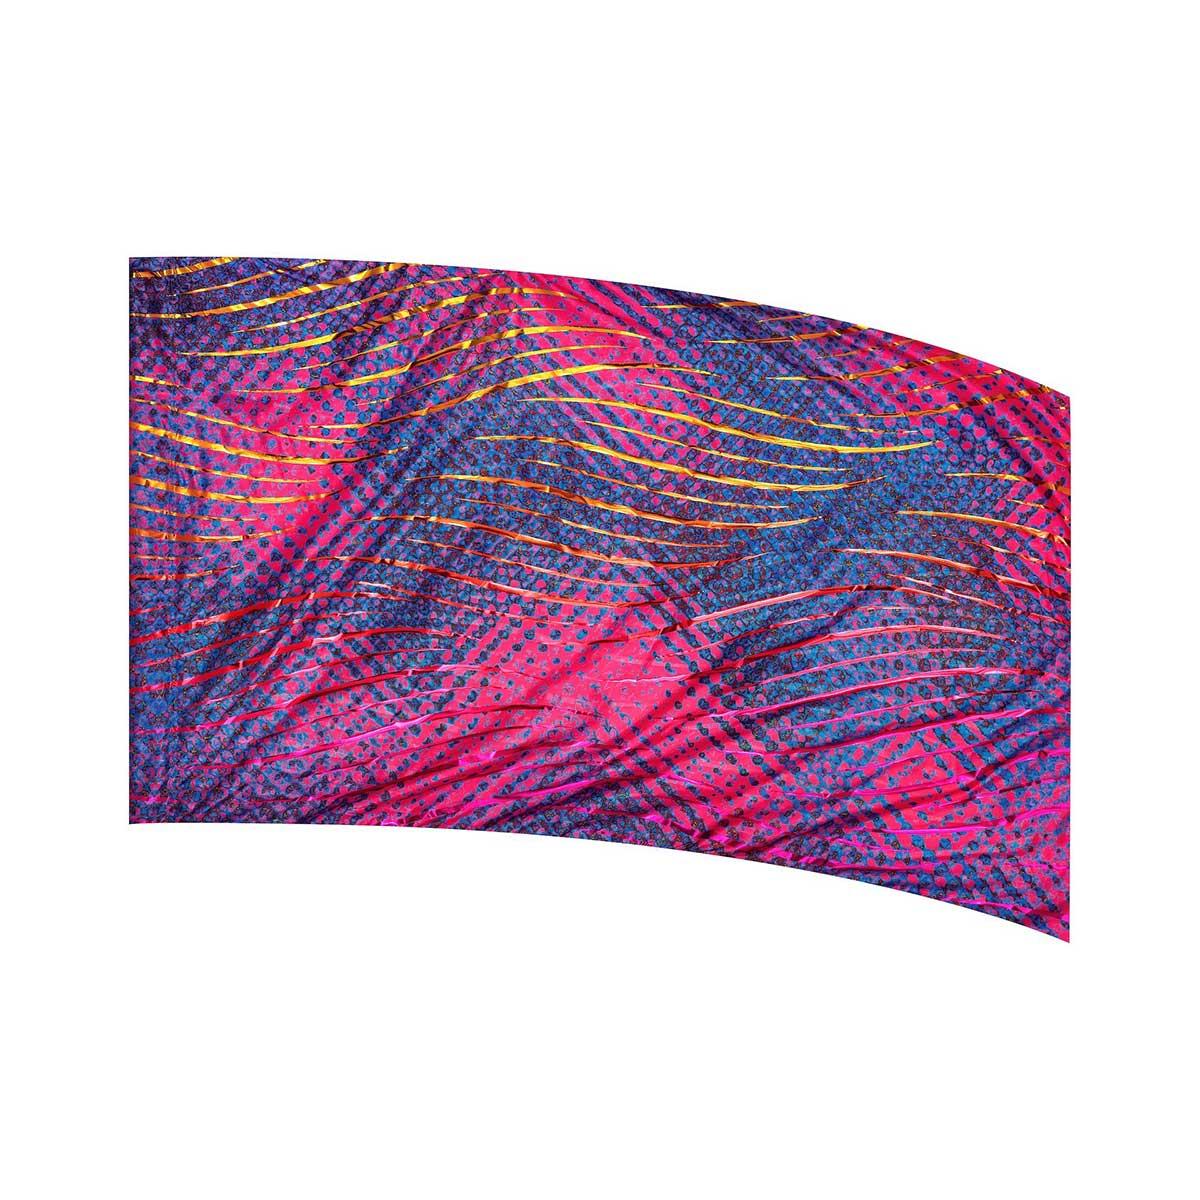 In-Stock Genesis Flags: 3021